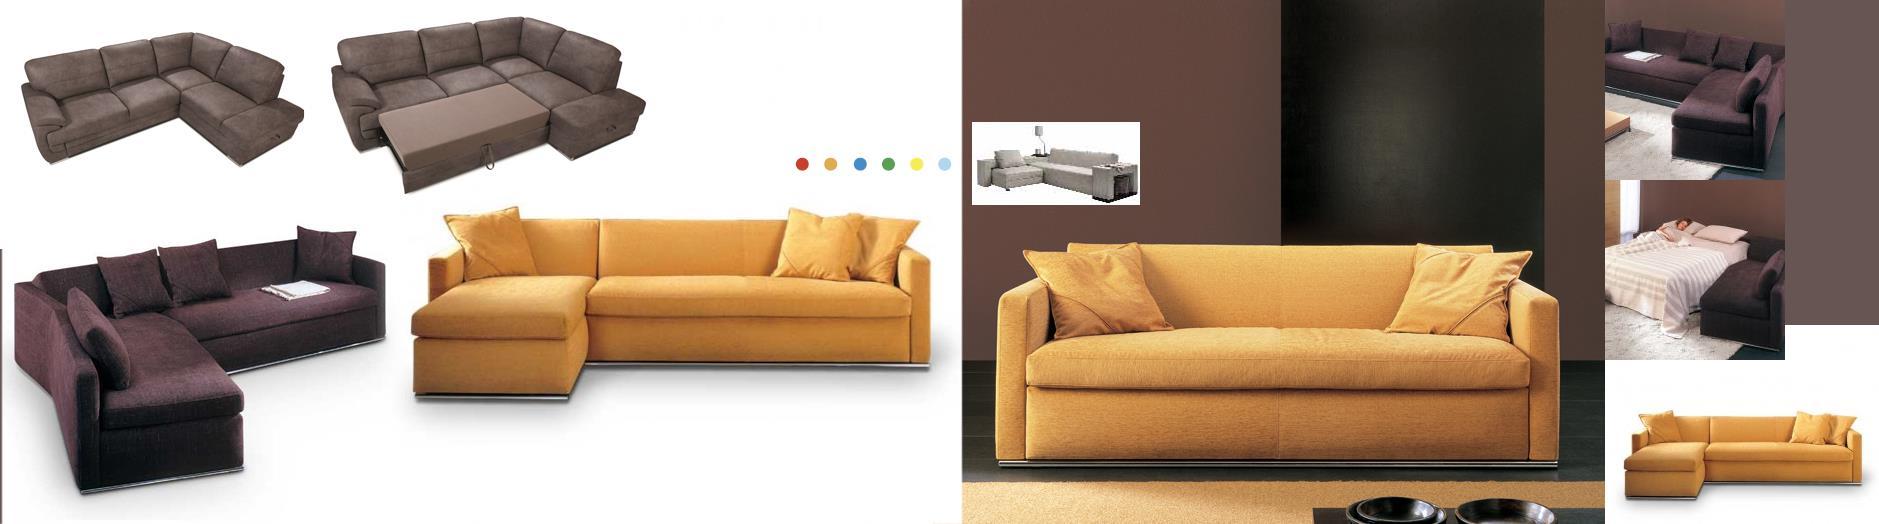 Garda-Sofa-Bed